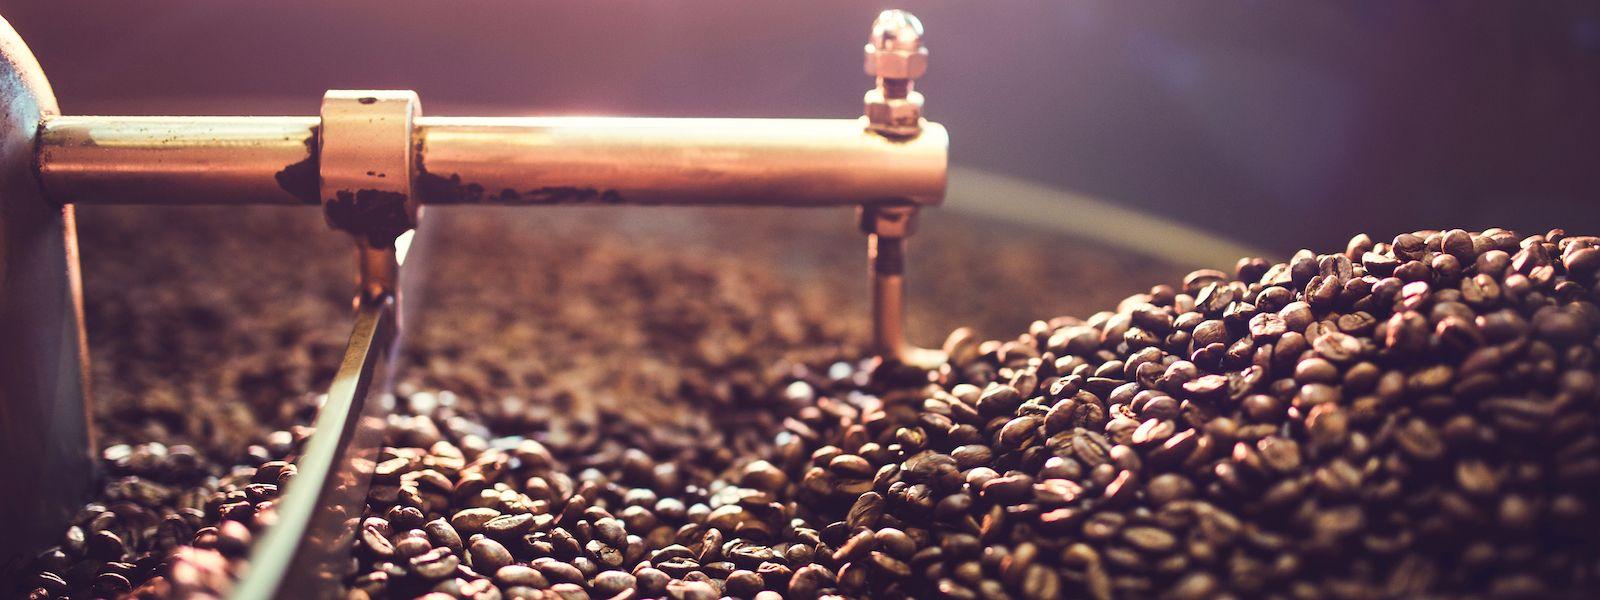 pengolahan kopi